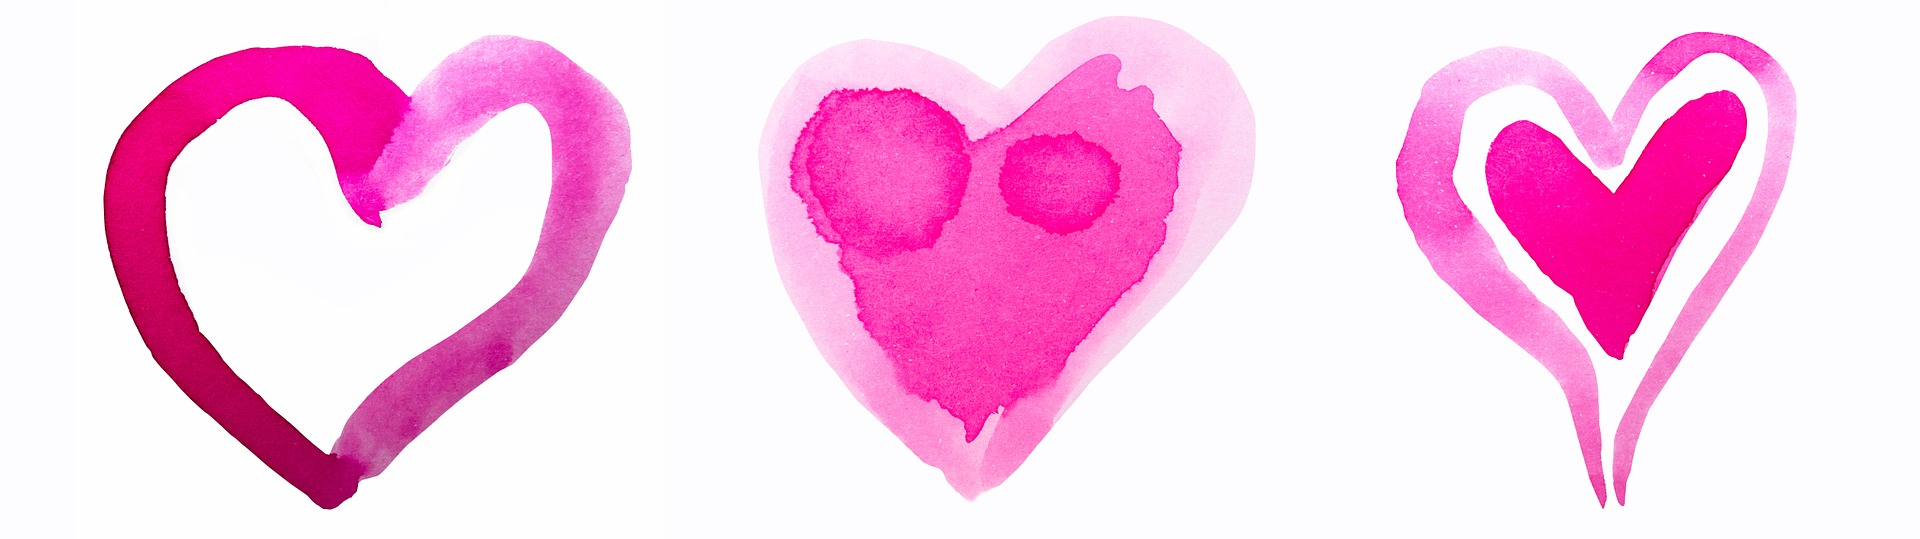 Bild zu Valentinstag Last Minute Geschenkideen: Reise-, Wellness- und weitere Gutscheine